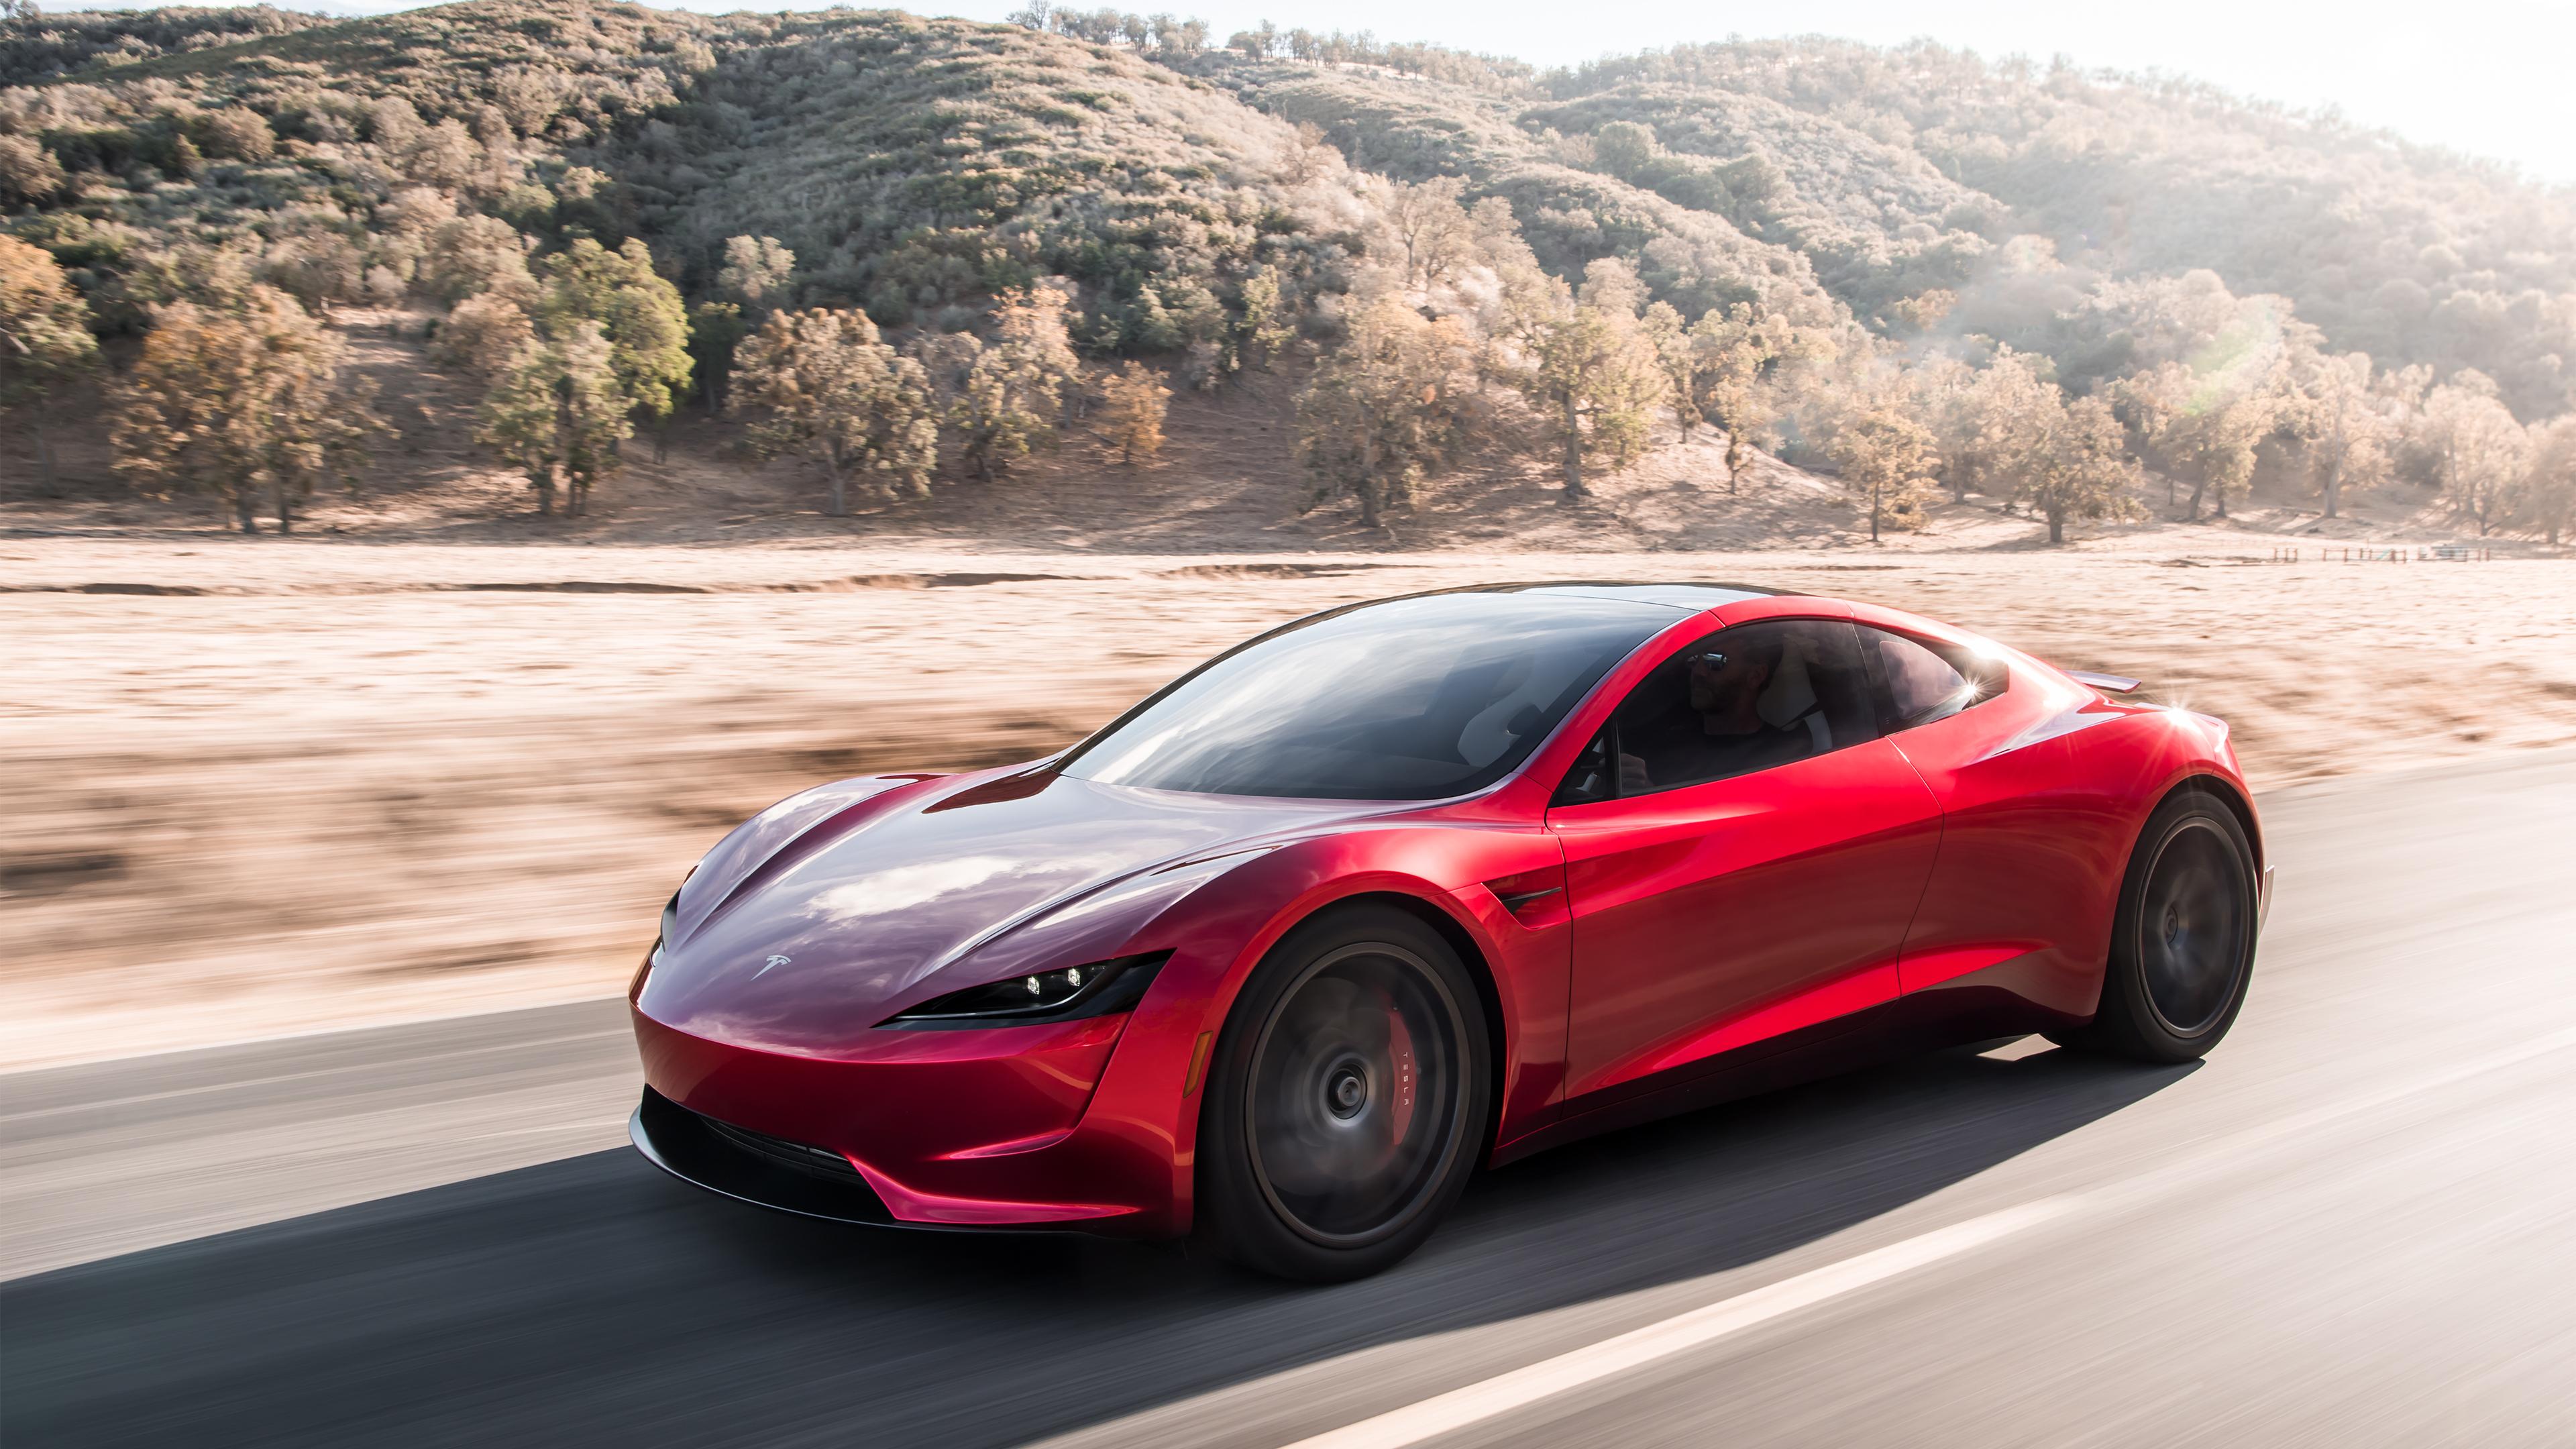 Tesla Roadster : ne vous attendez (presque) plus à atteindre 96 km/h en moins de 2 secondes